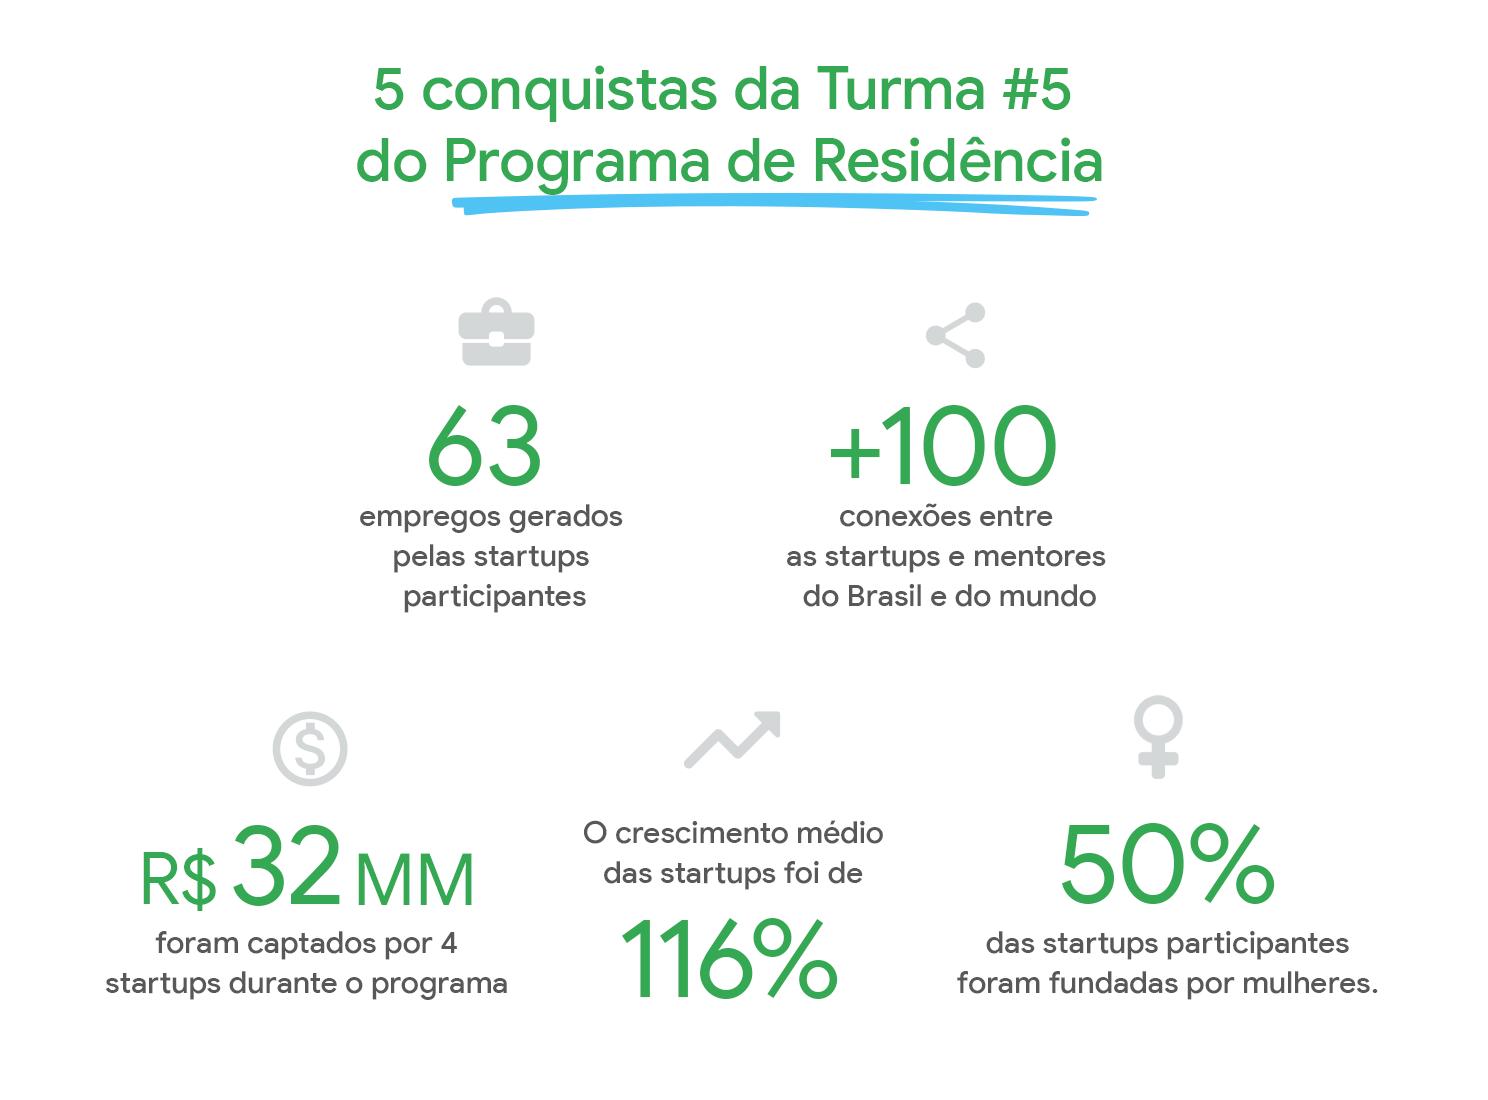 Números conquistados pela turma do Programa de Residência, Turma #5.